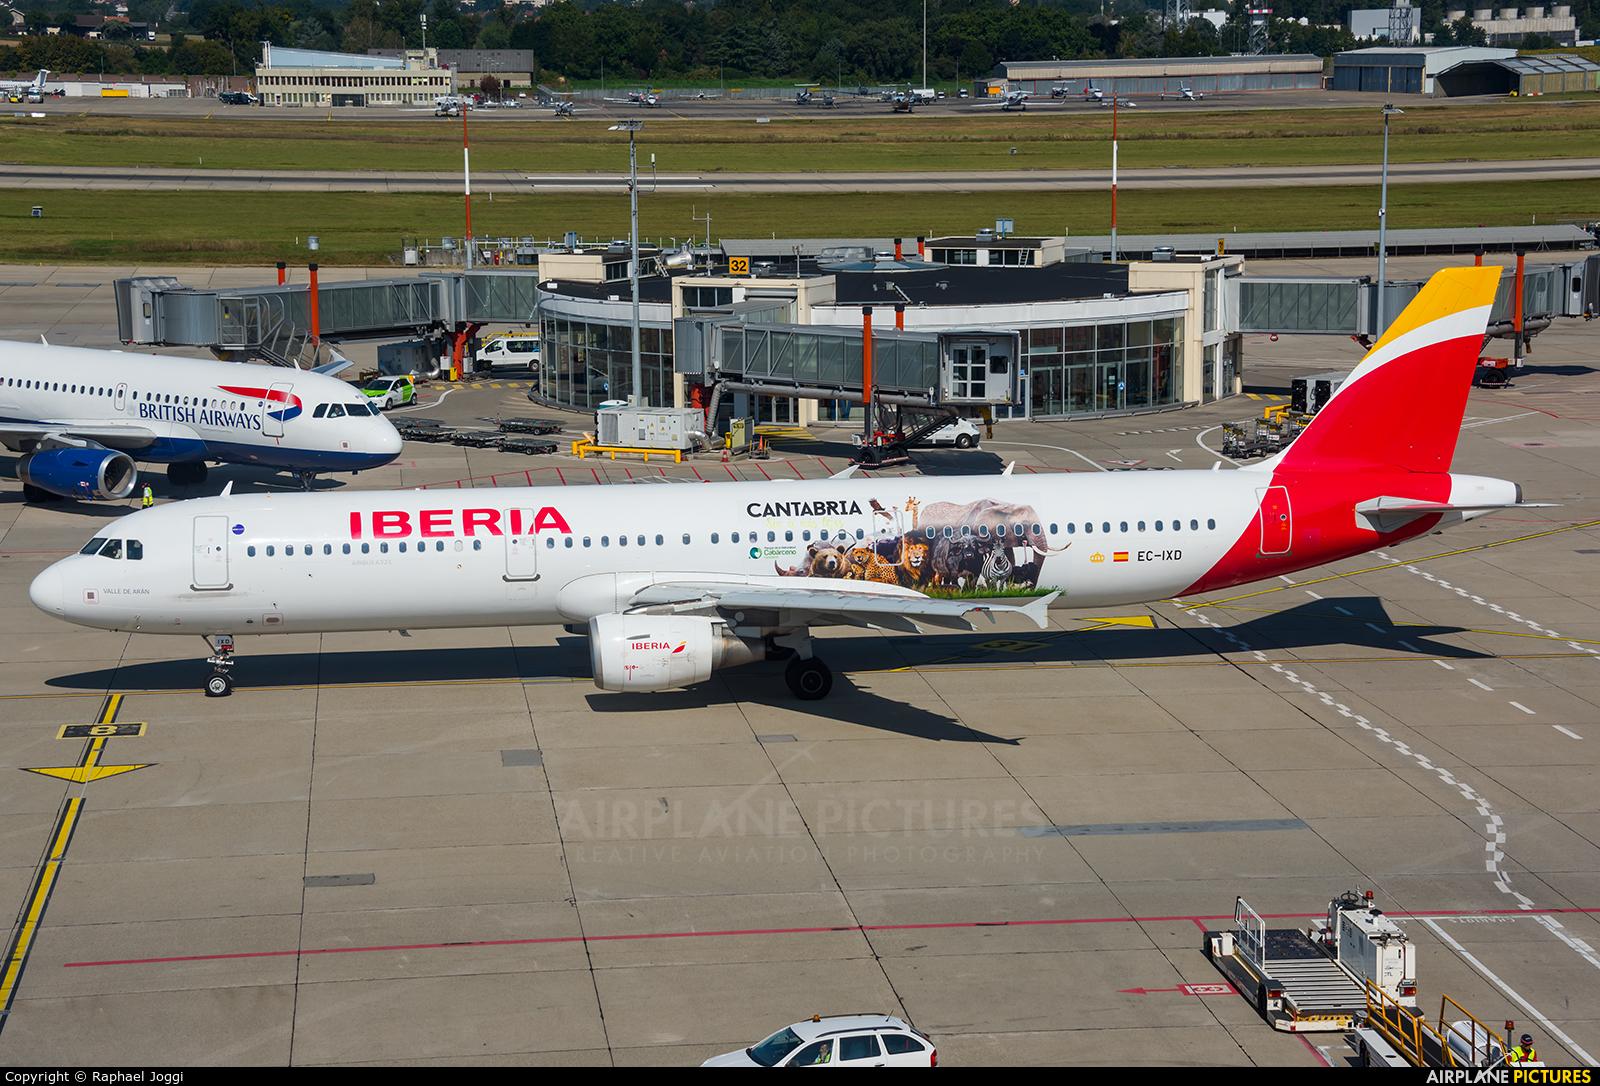 Iberia EC-IXD aircraft at Geneva Intl